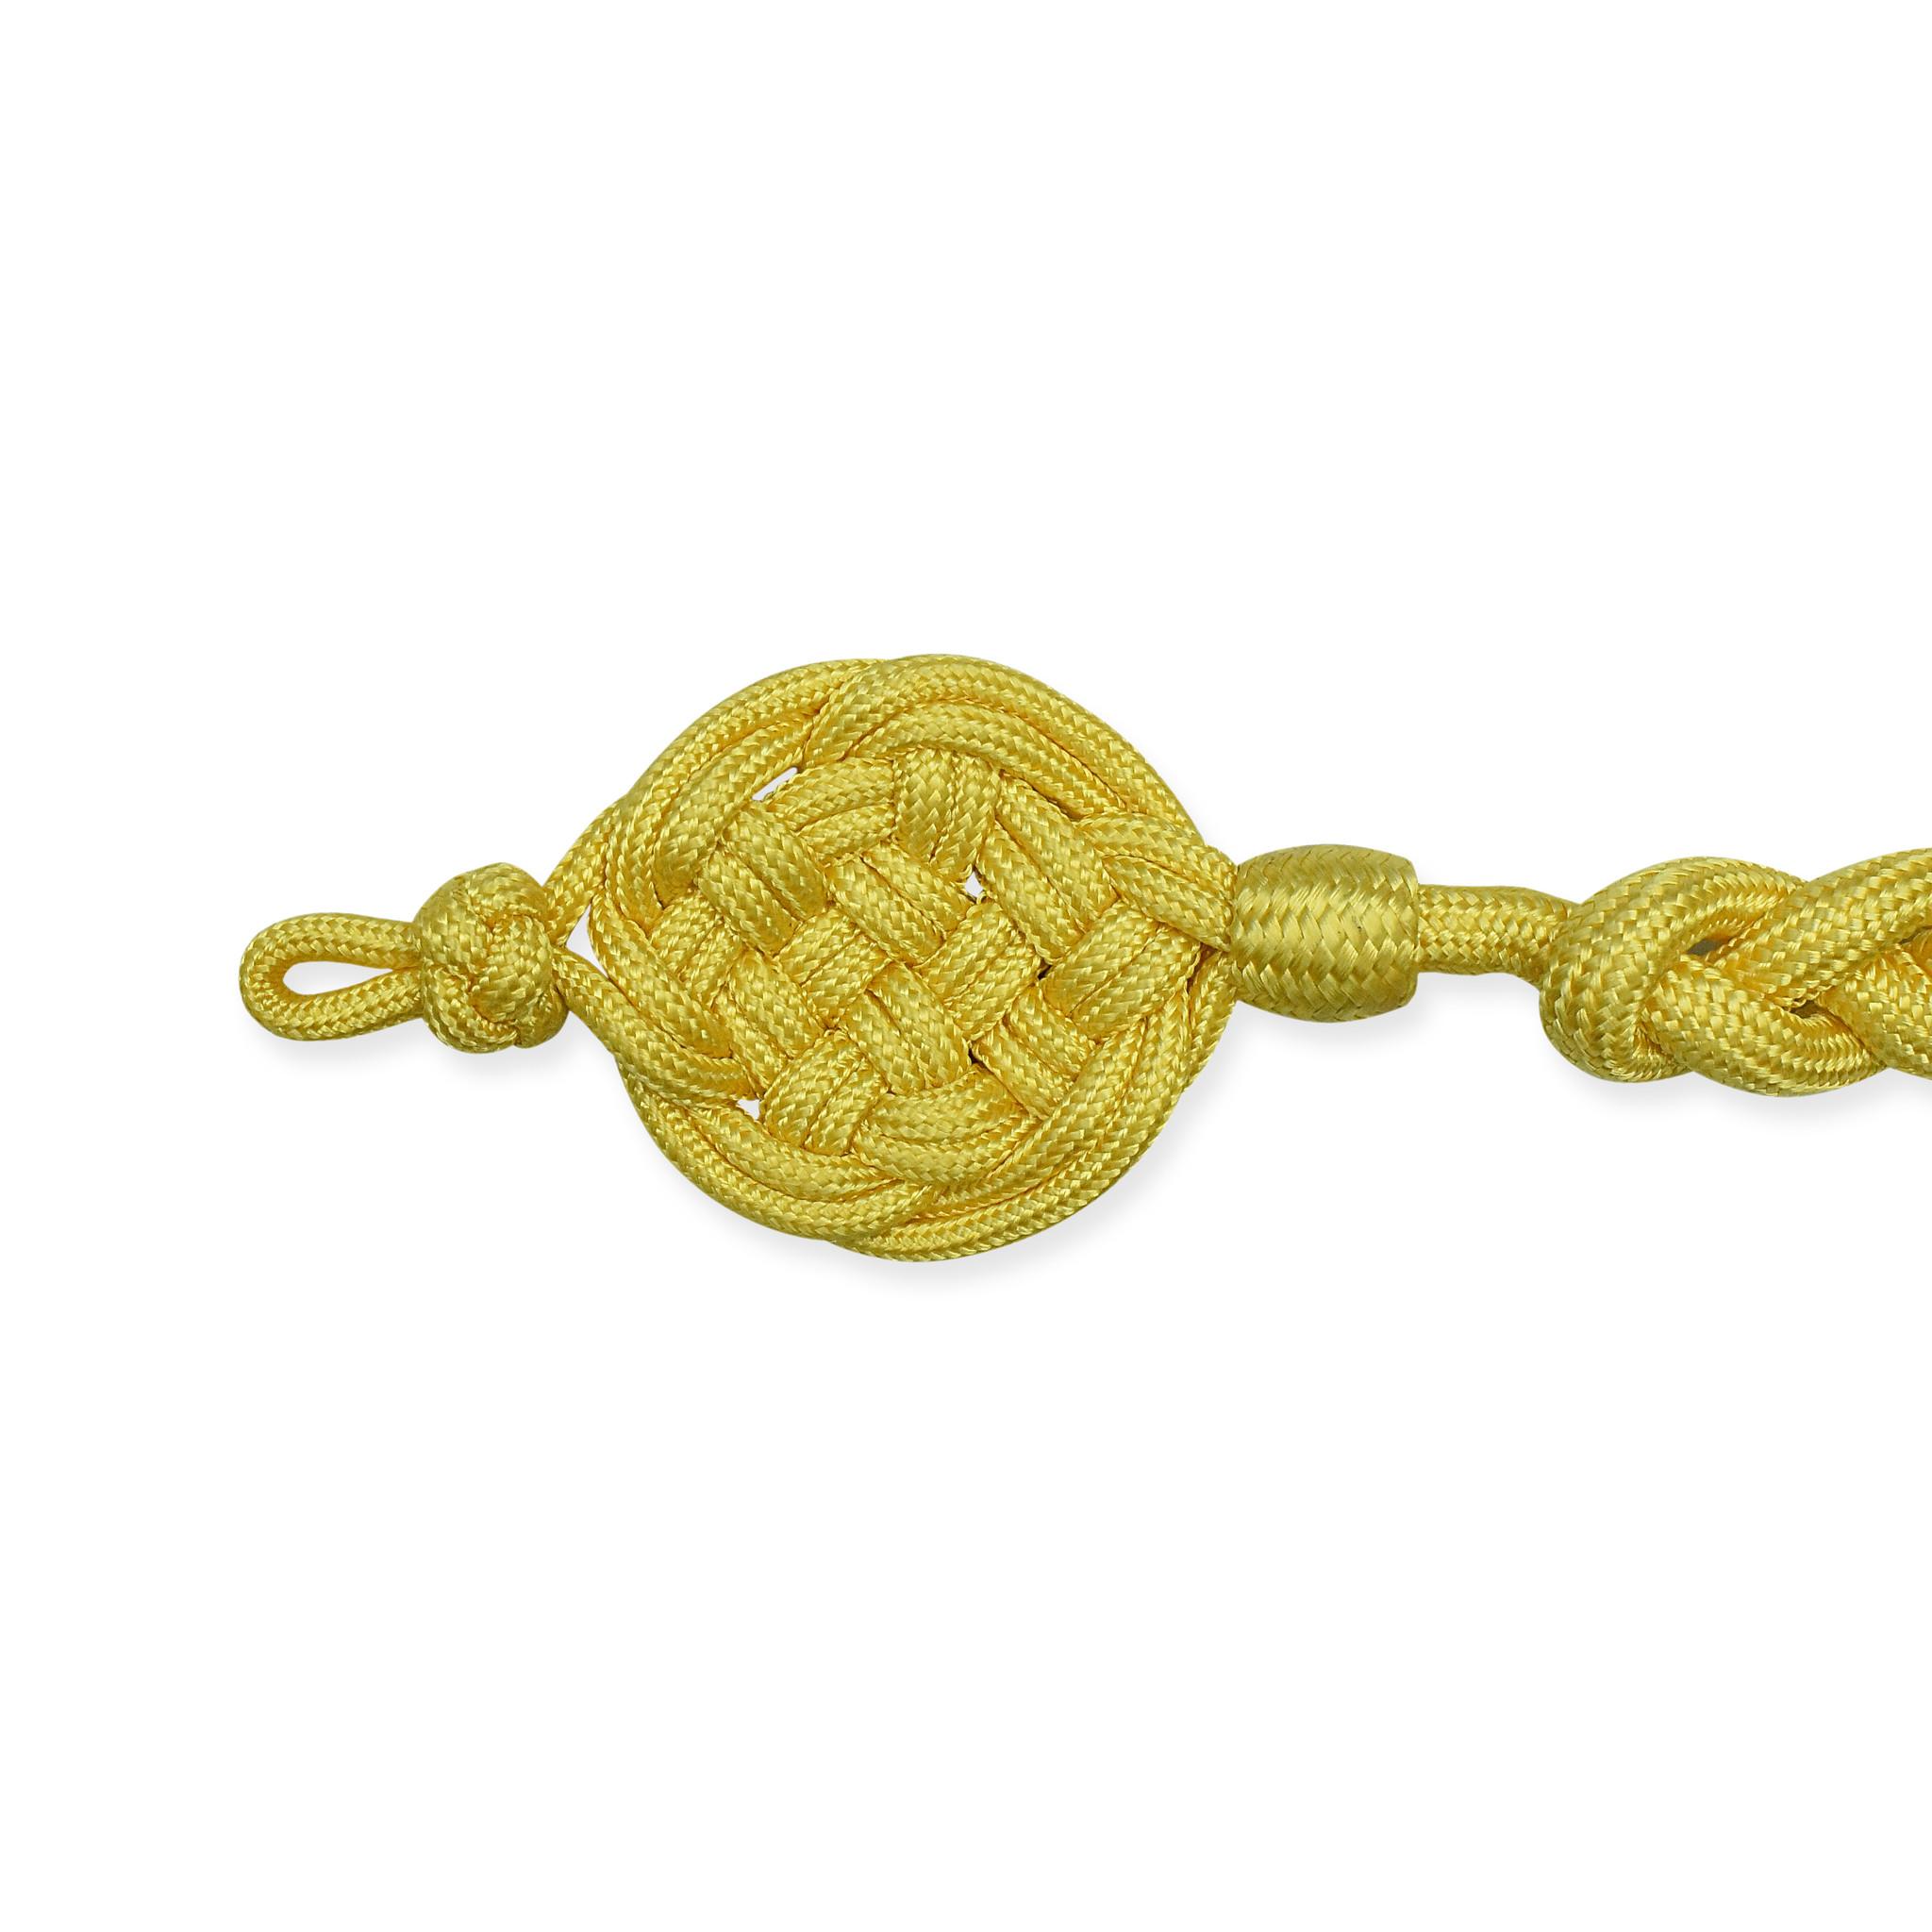 Schießschnur gelb Schützenschnur - 50cm